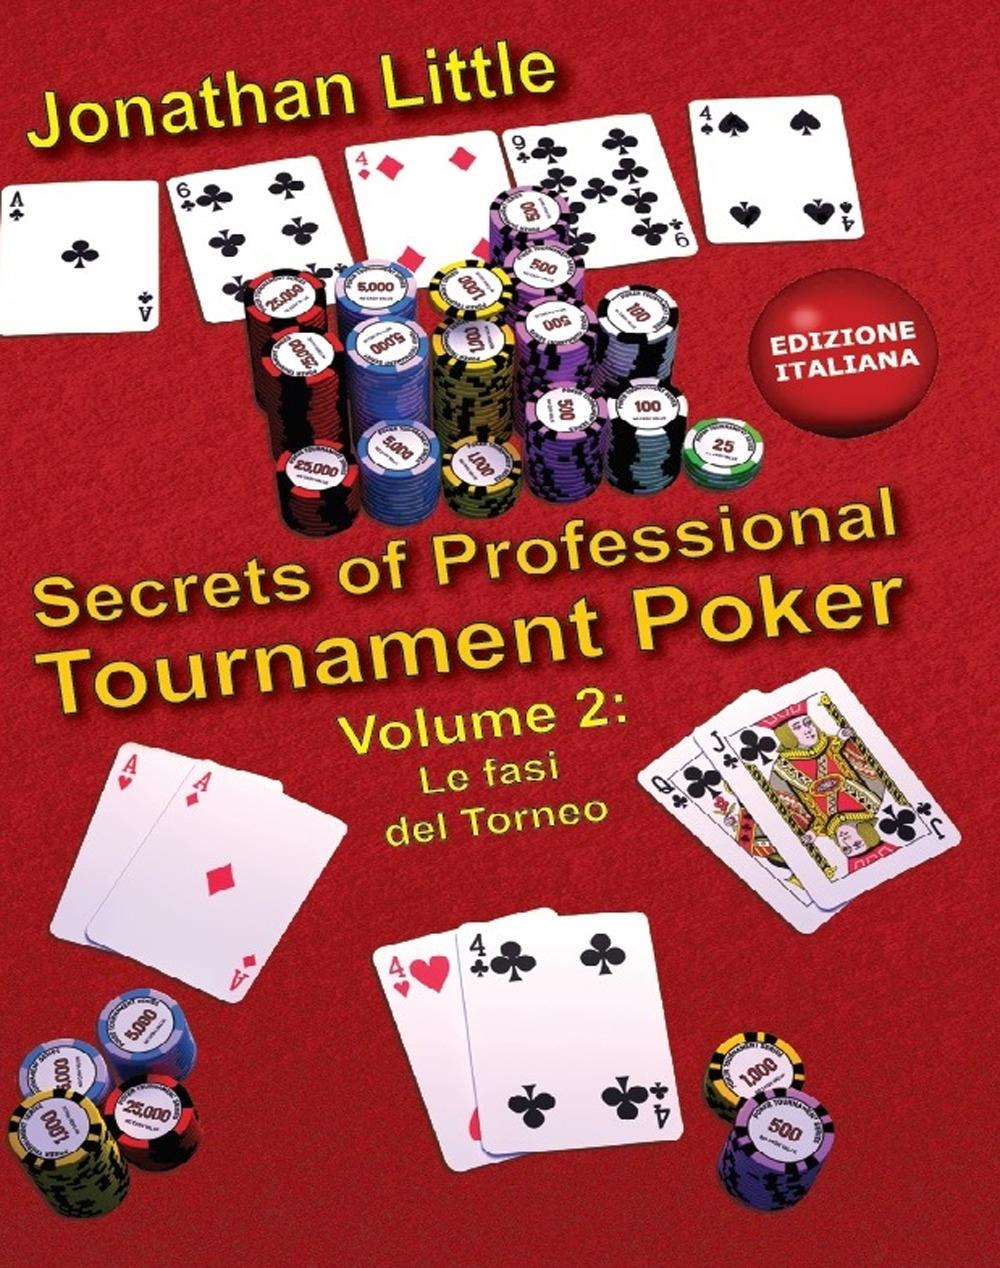 Secrets of professional tournament poker. Vol. 2: Le fasi del torneo